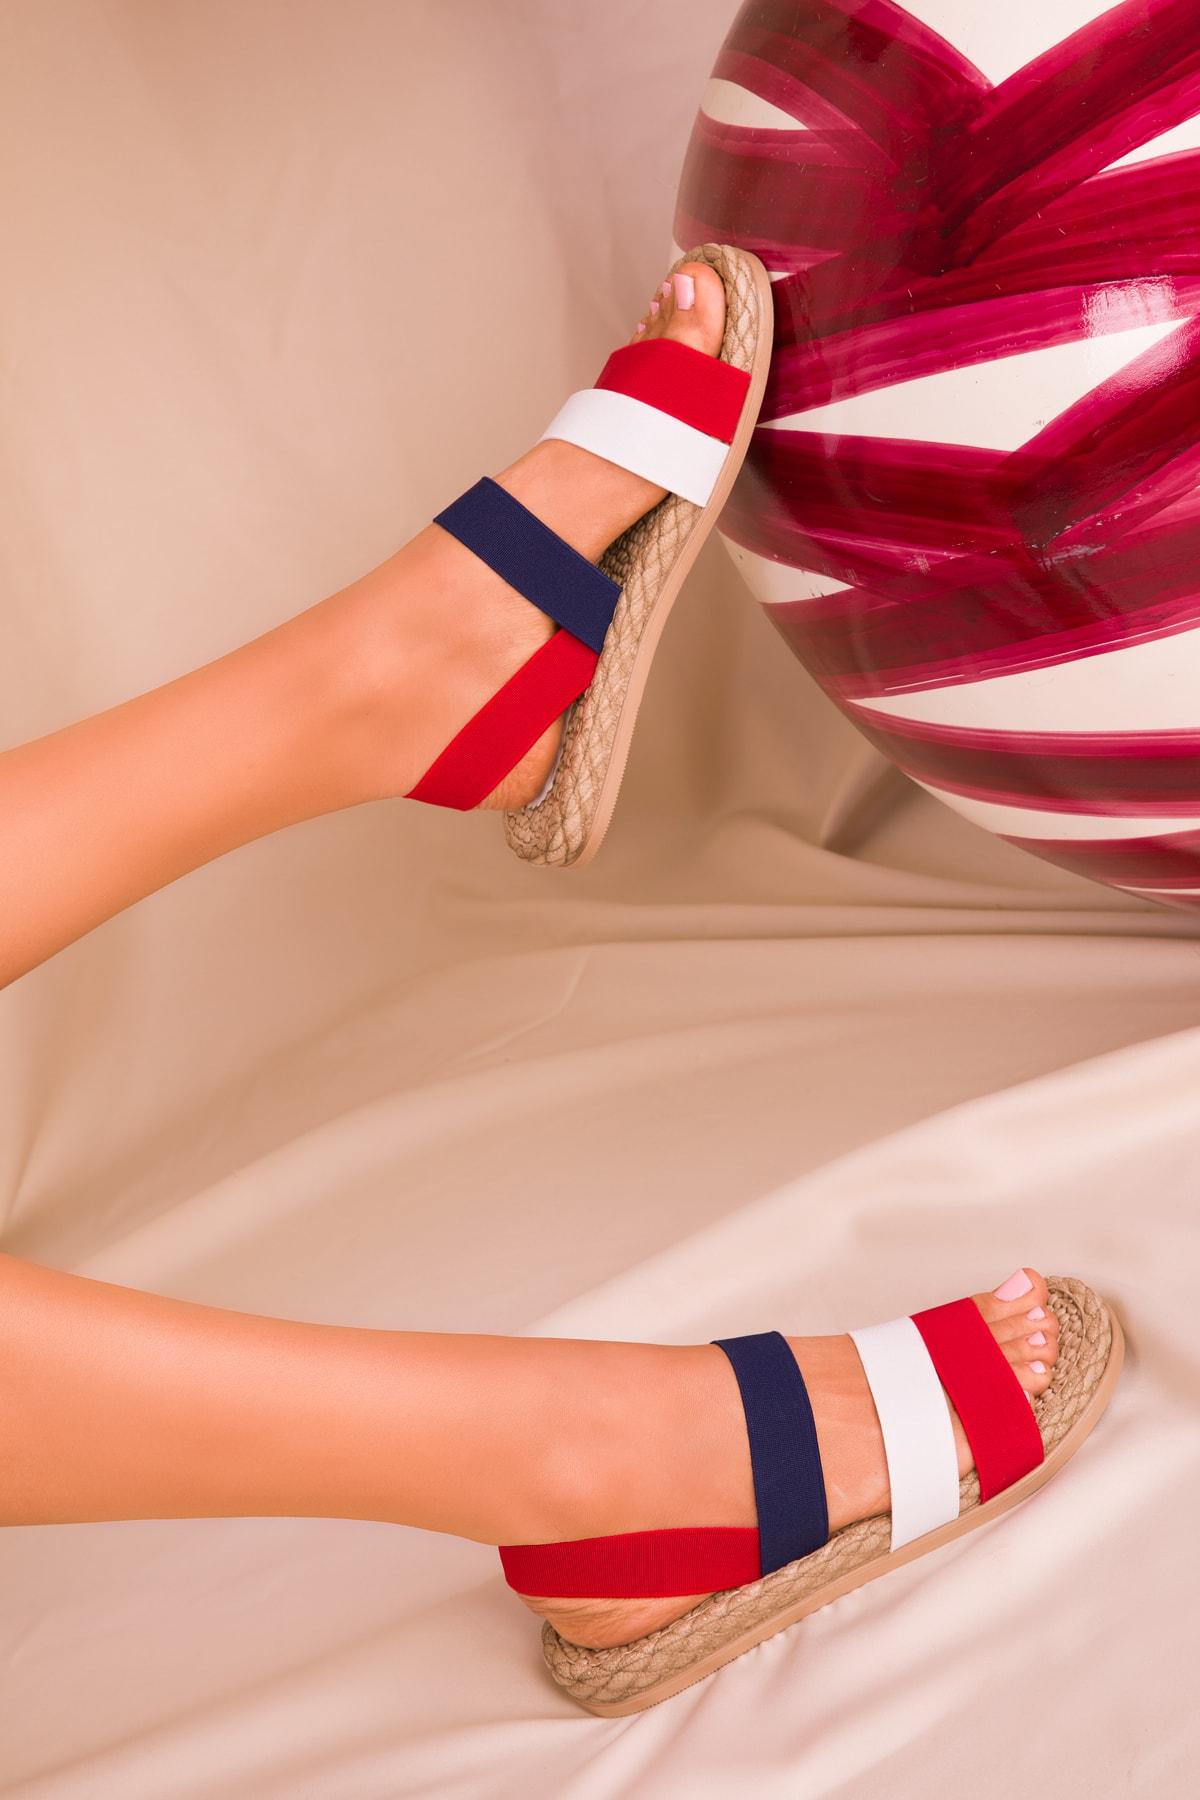 SOHO Kırmızı-Beyaz-Lacıvert Kadın Sandalet 15098 2